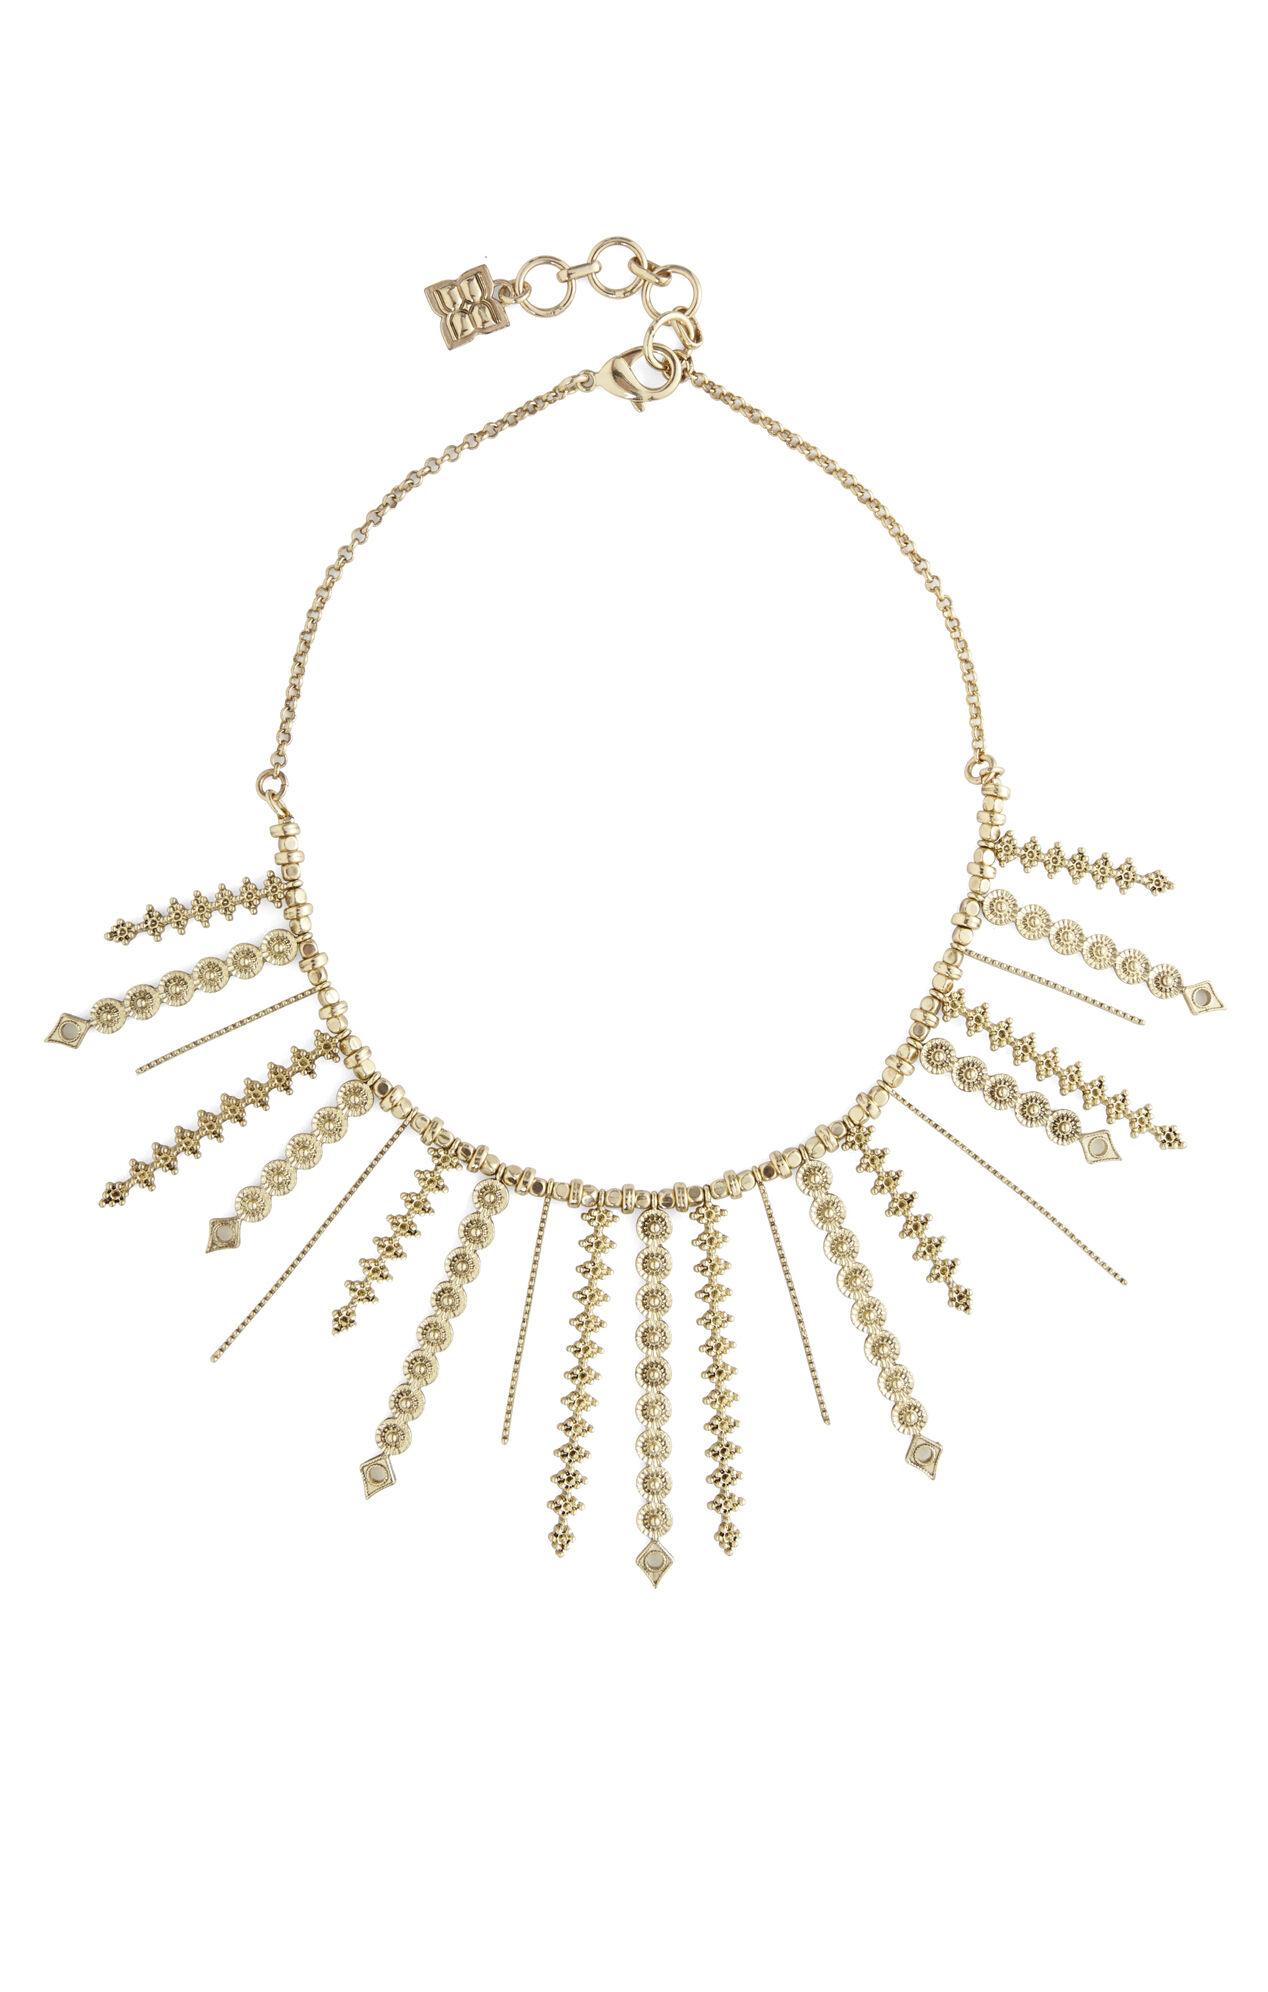 Boho Sunburst Necklace